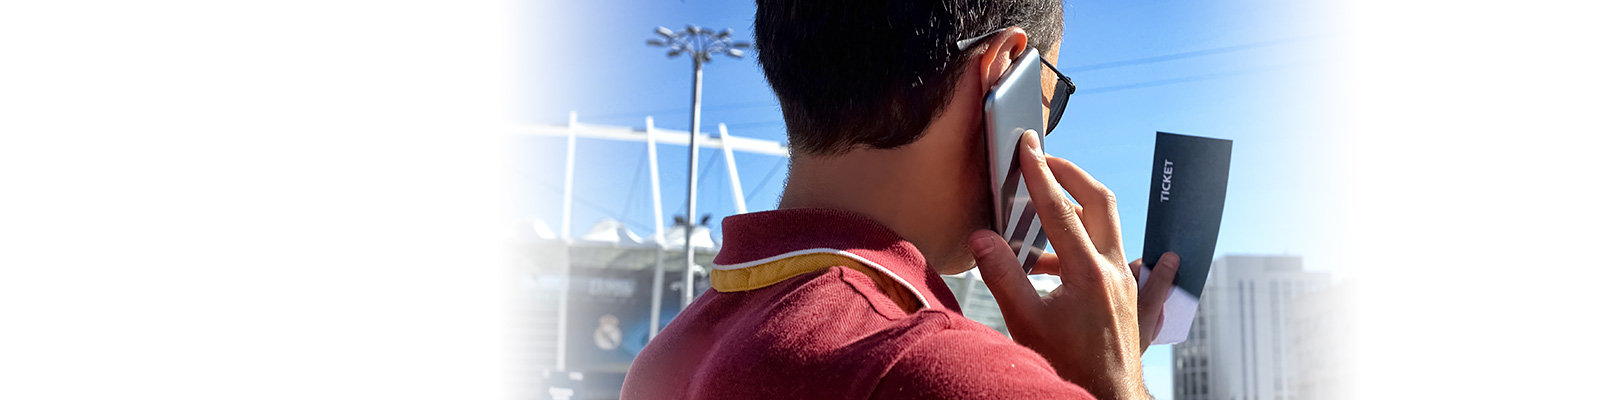 チケット サッカー スマートフォン イメージ